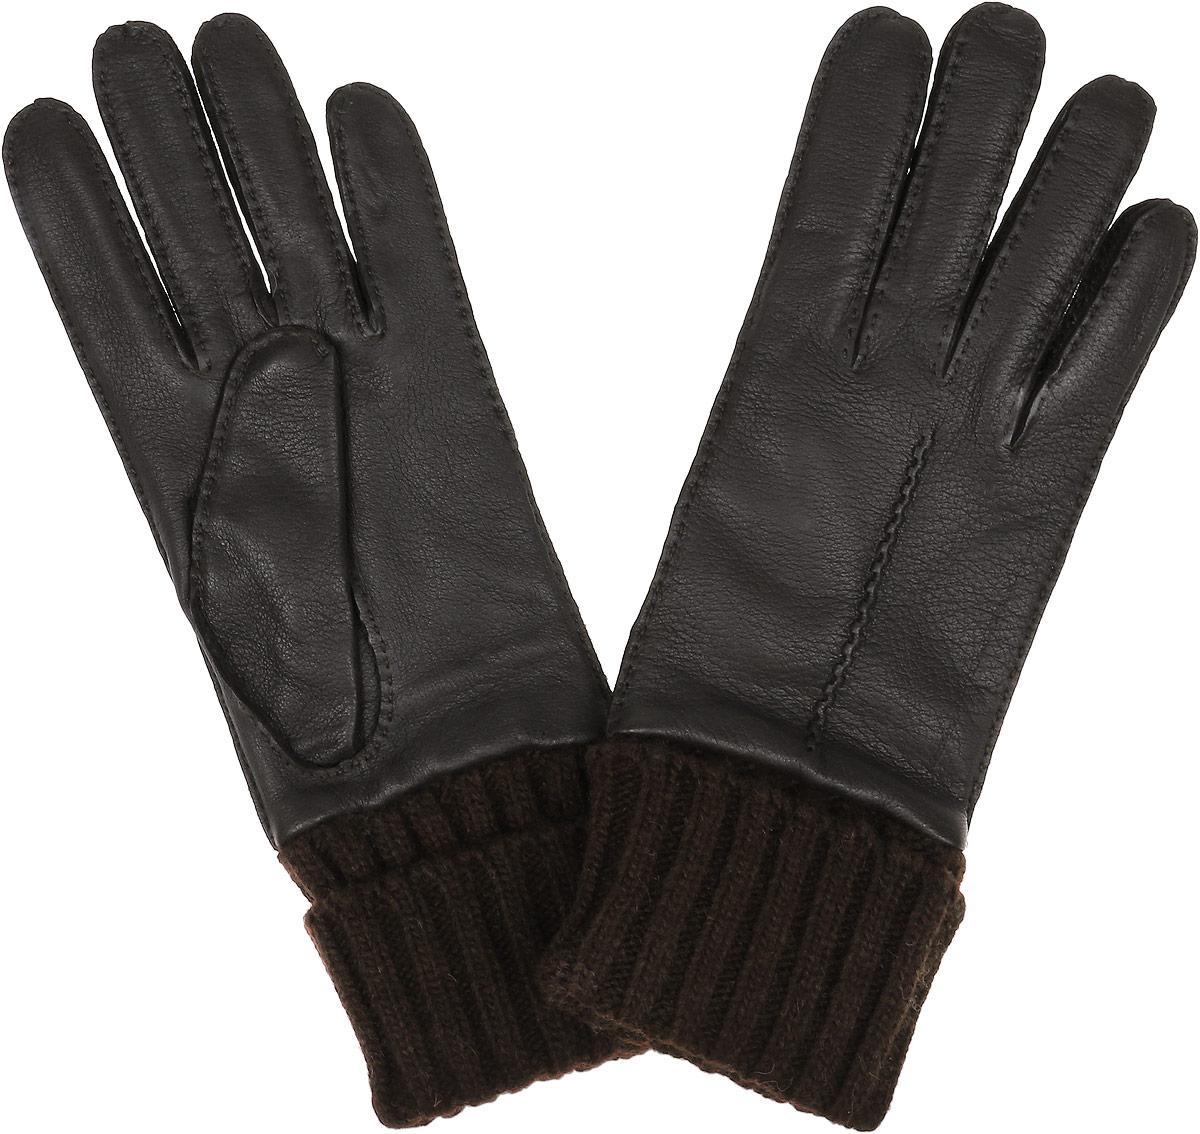 Перчатки2.41-1 blackСтильные женские перчатки Fabretti не только защитят ваши руки, но и станут великолепным украшением. Перчатки выполнены из чрезвычайно мягкой и приятной на ощупь эфиопской перчаточной кожи, а их подкладка - из шерсти с добавлением кашемира. Модель дополнена вязаными манжетами и оформлена фактурным тиснением. Строчки-стежки придают перчаткам динамичное настроение. Стильный аксессуар для повседневного образа.